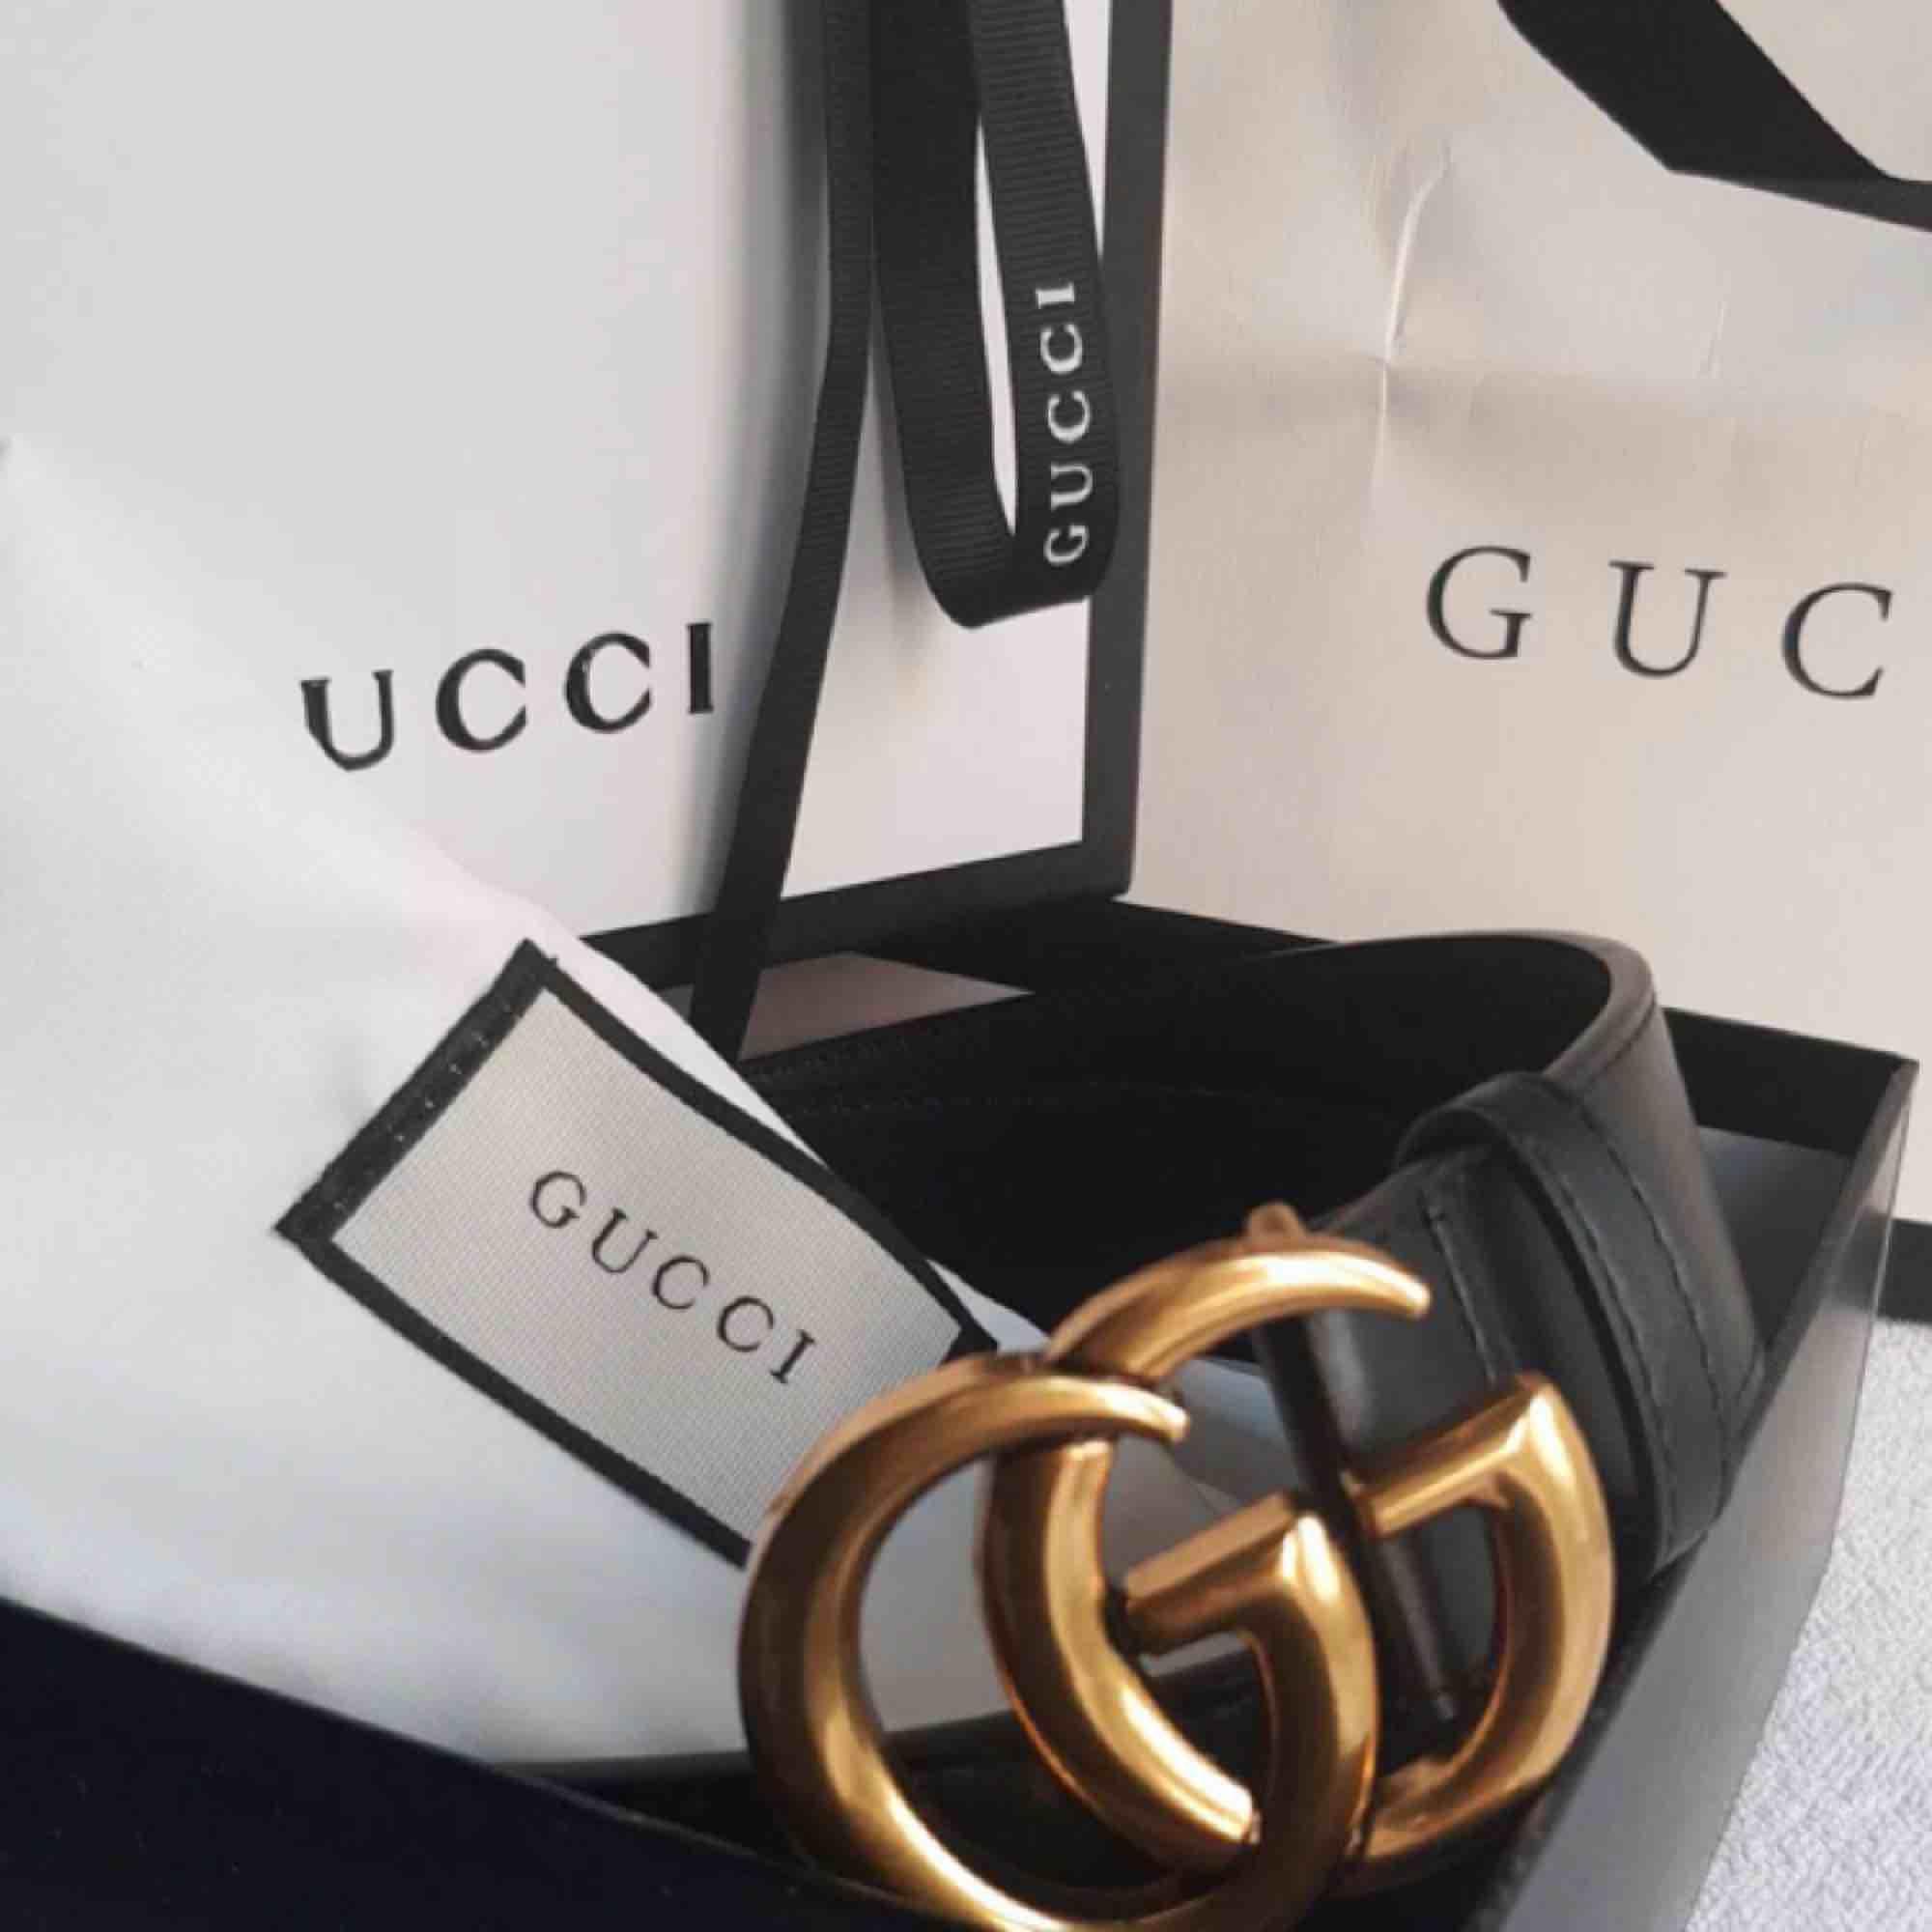 Gucci kopia bälte, medföljer allt på bild 600kr +tullavgift (60-100kr) (verkliga bilder). Accessoarer.